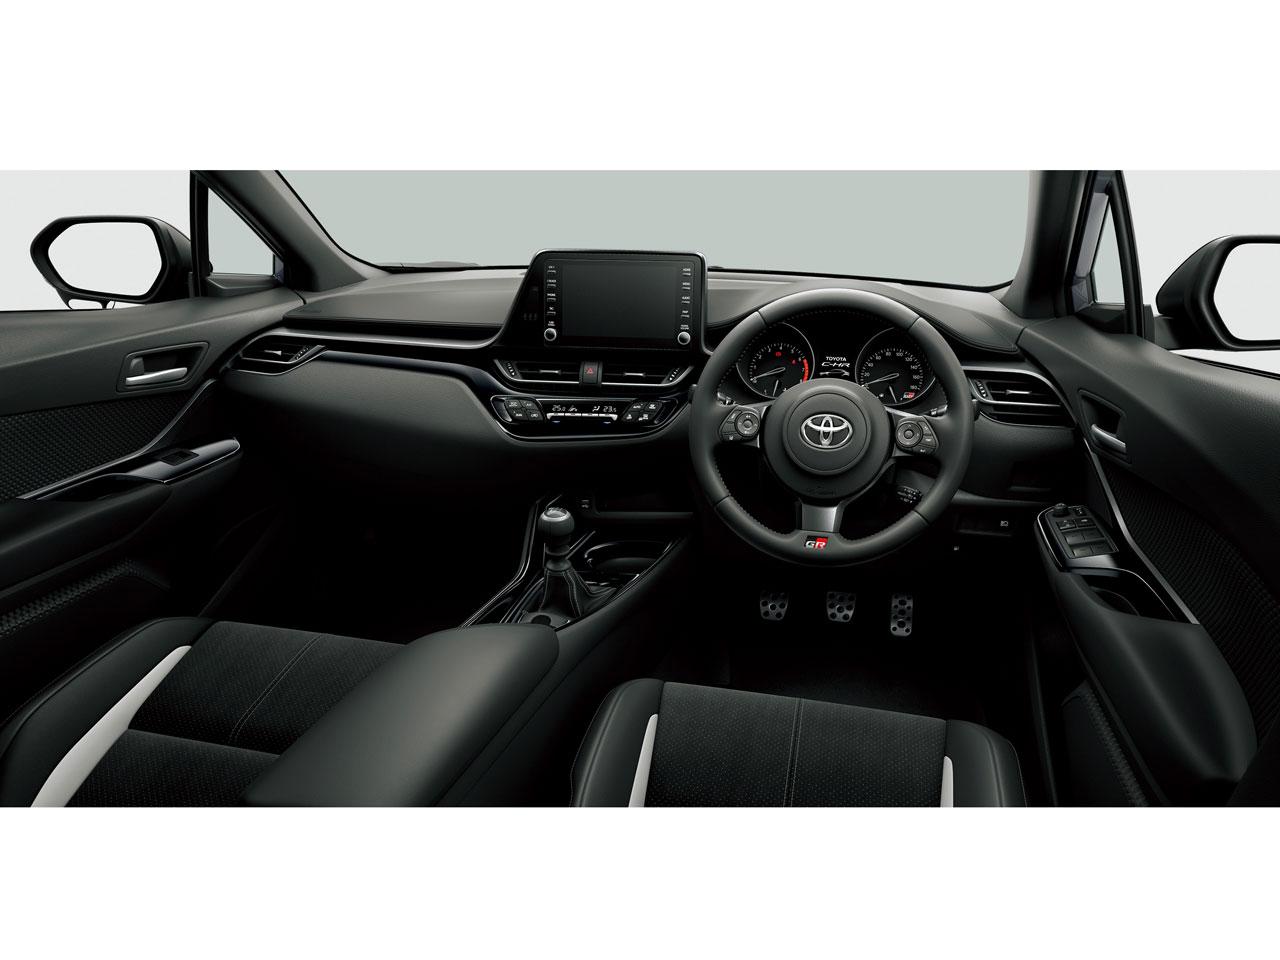 『インテリア1』 C-HR 2016年モデル の製品画像